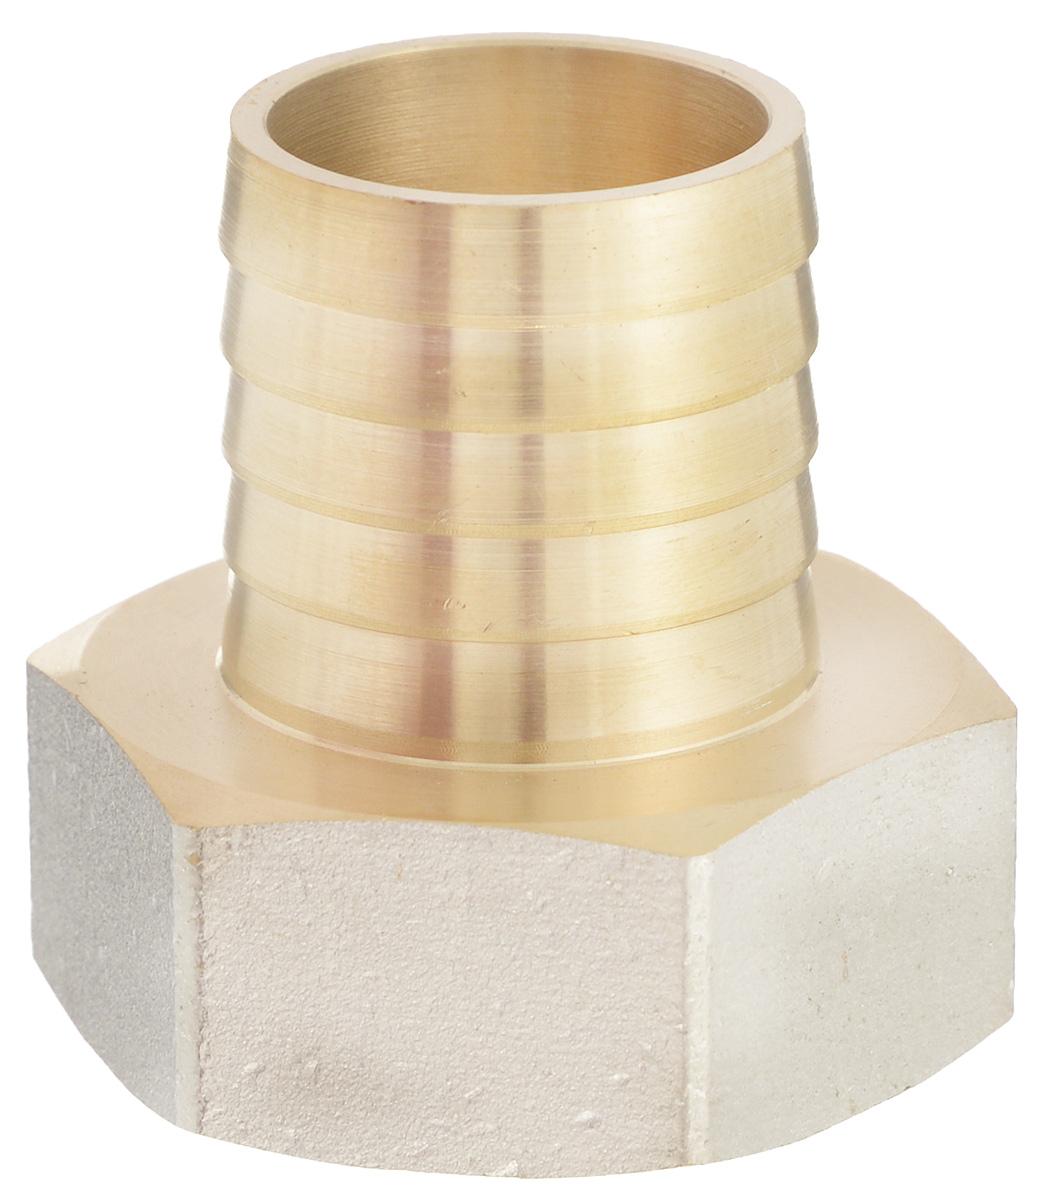 """Переходник """"U-Tec"""" предназначен для соединения резьбовых соединений с резиновым шлангом. Изделие изготовлено из прочной и долговечной латуни. Никелированное покрытие на внешнем корпусе защищает изделие от окисления. Продукция под торговой маркой """"U-Tec"""" прошла все необходимые испытания и по праву может считаться надежной.Размер ключа: 34 мм."""